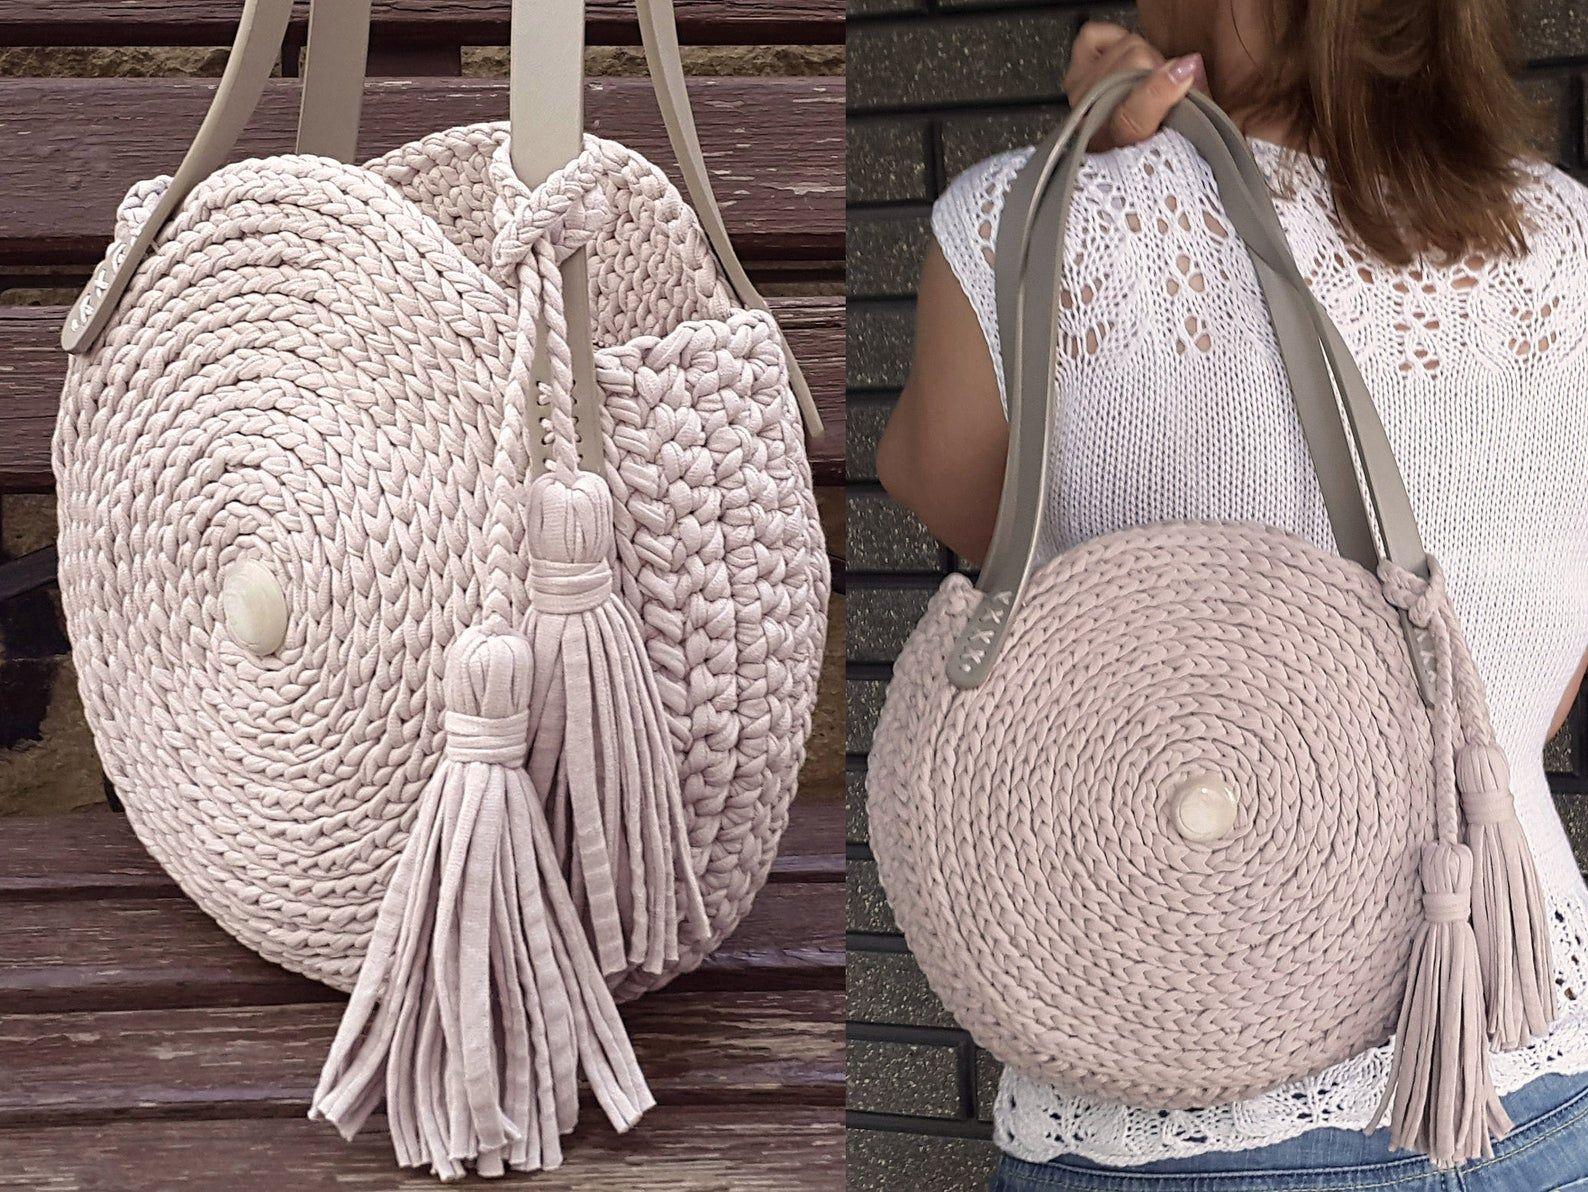 Bolso redondo de ganchillo Bolso círculo de punto elegante redondo de las mujeres bolso grueso hecho a mano bolsa de la playa bolso de hombro bolso de hombro cómodo bolso de verano bolso de mano